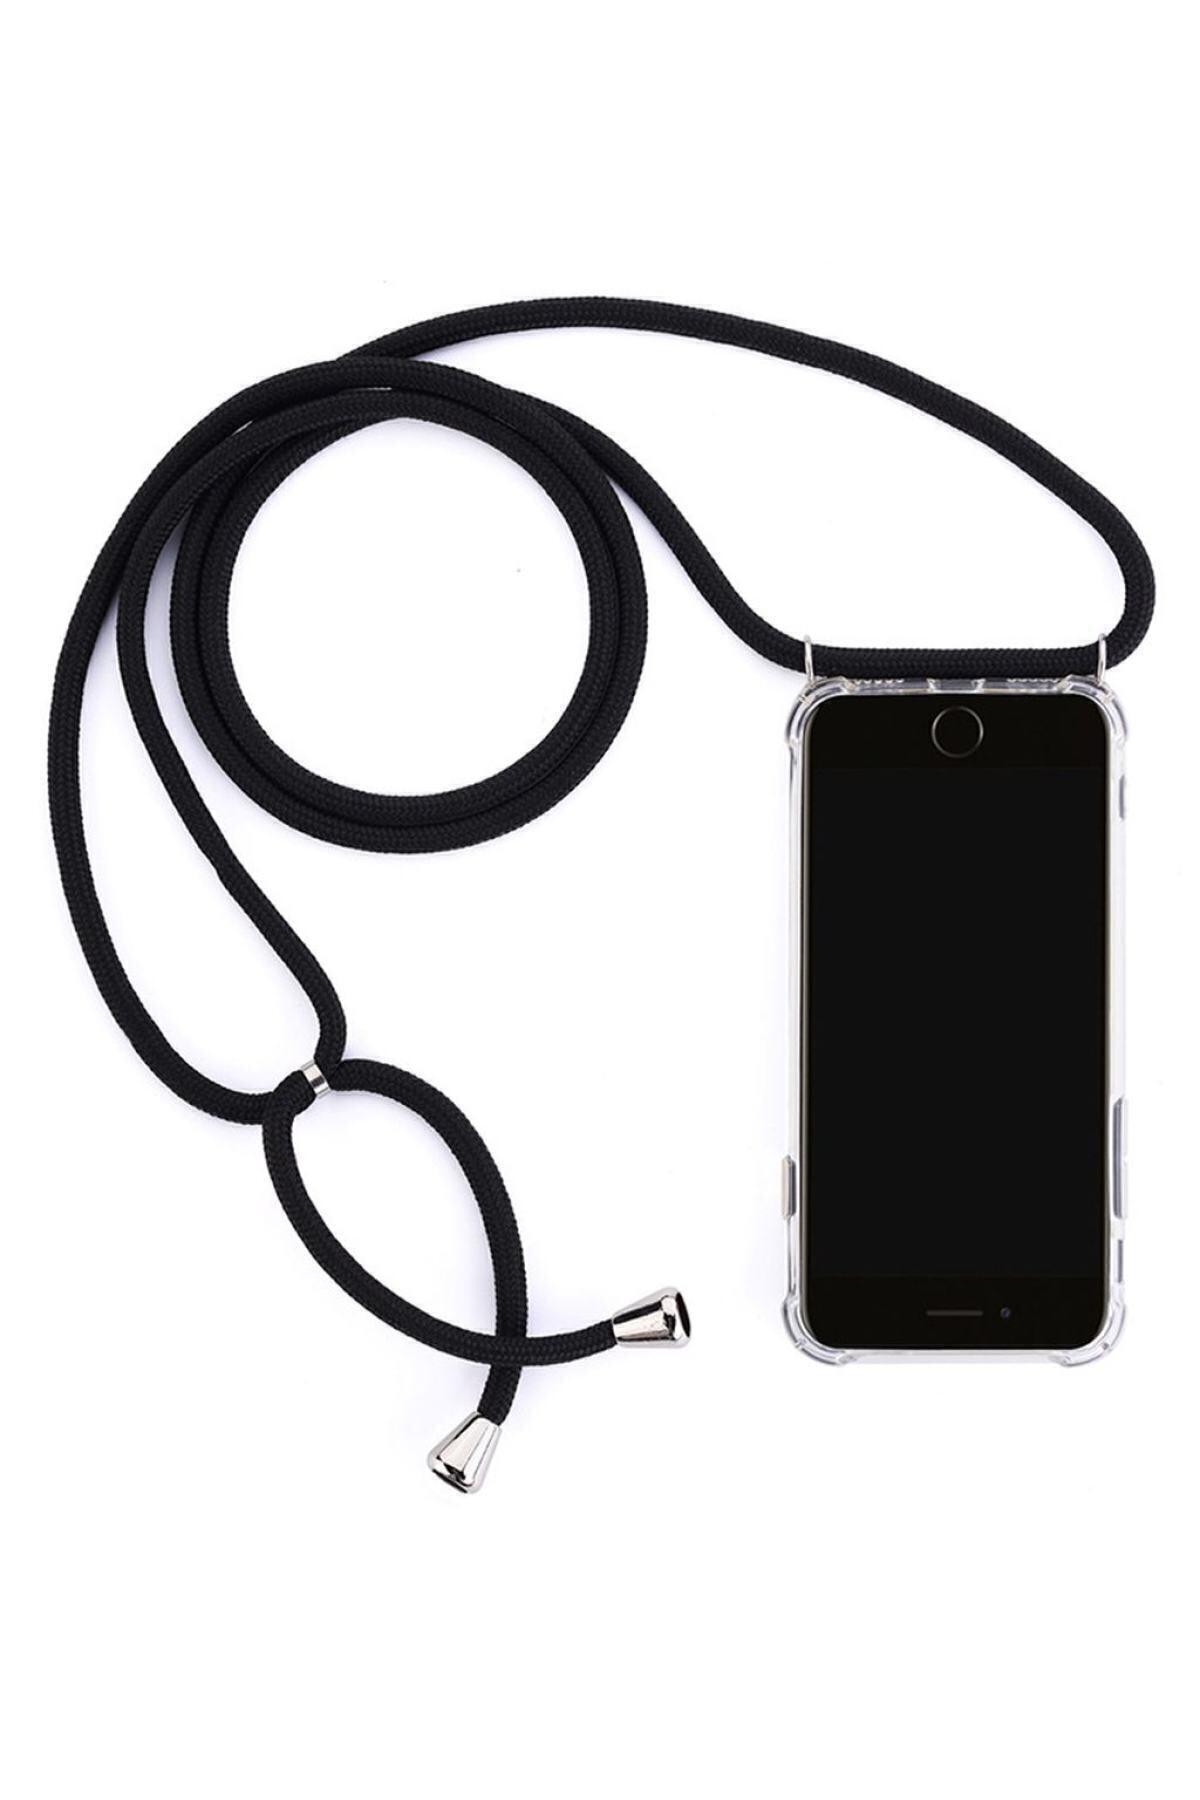 mtncover Şeffaf Iphone 11 Uyumlu İpli Boyun Askılı Siyah Telefon Kılıfı